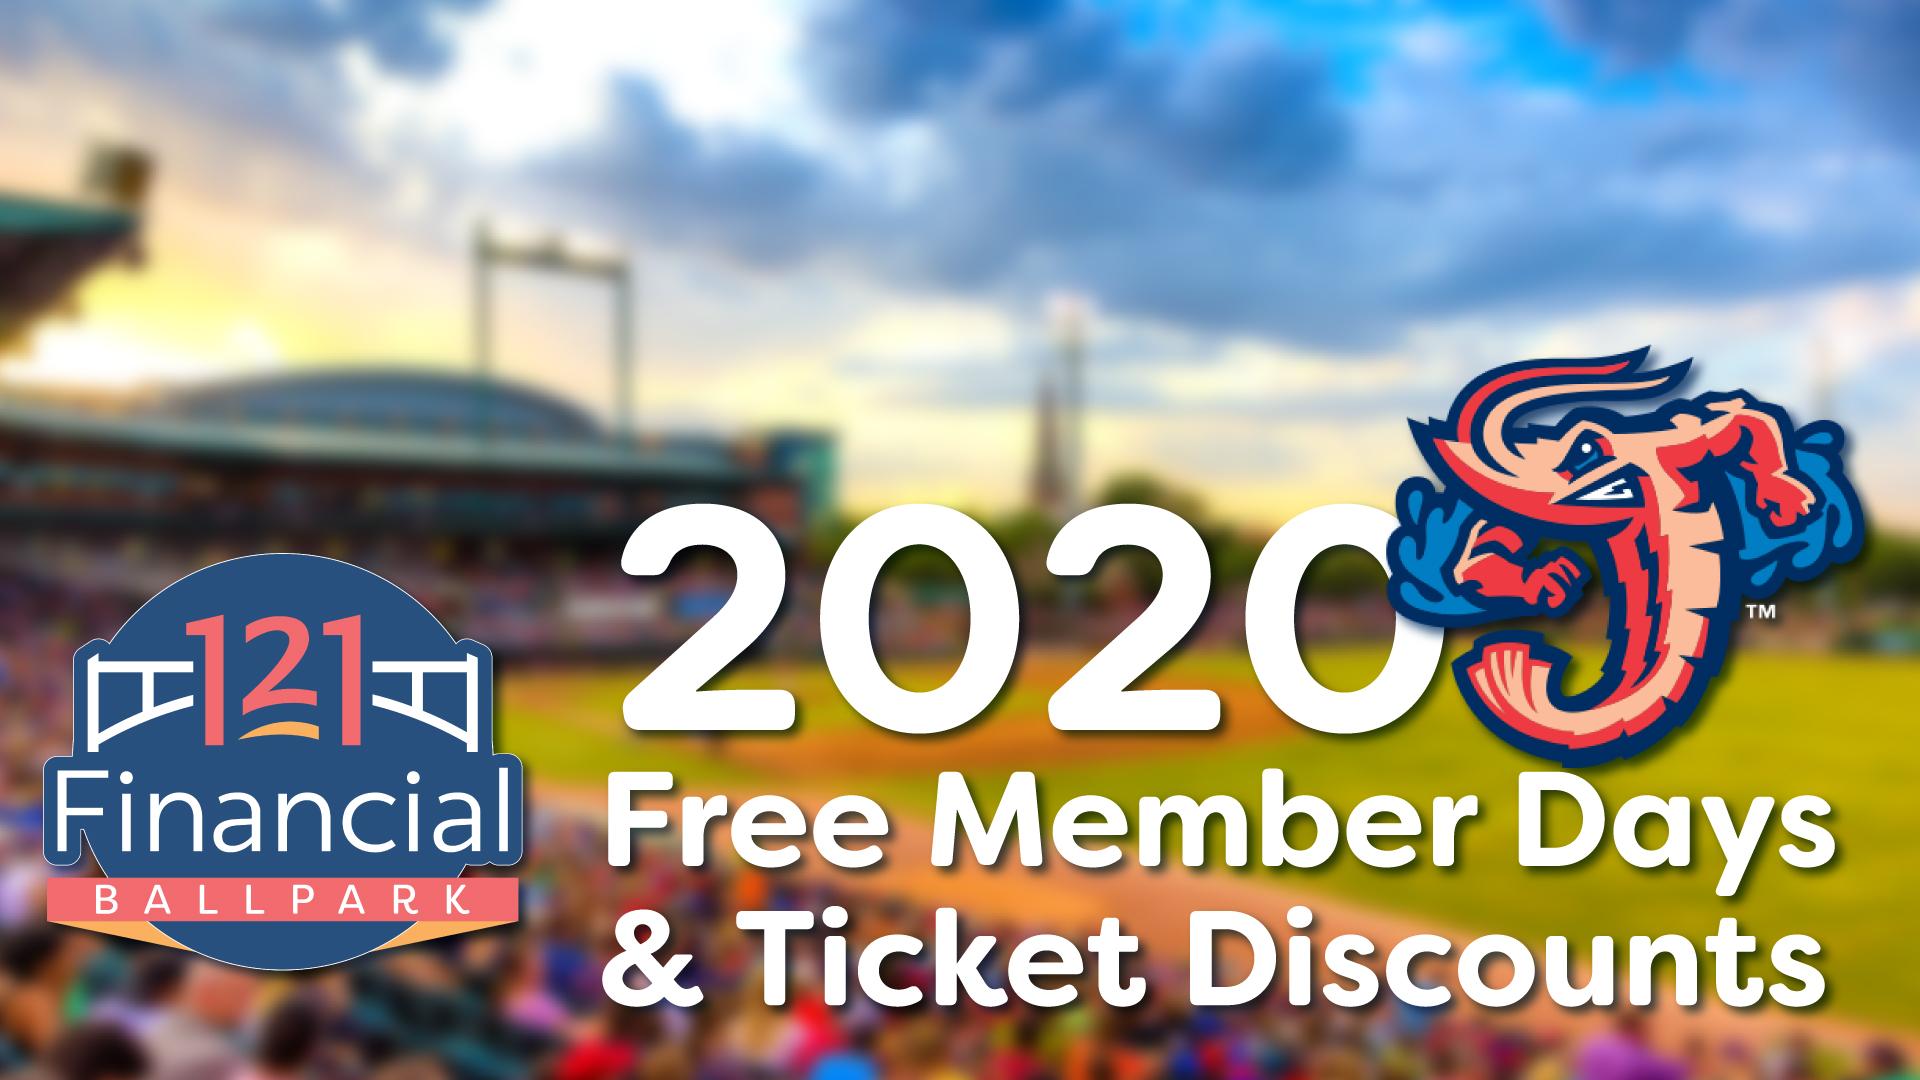 121-free-member-days-2020-jumbo-shrimp